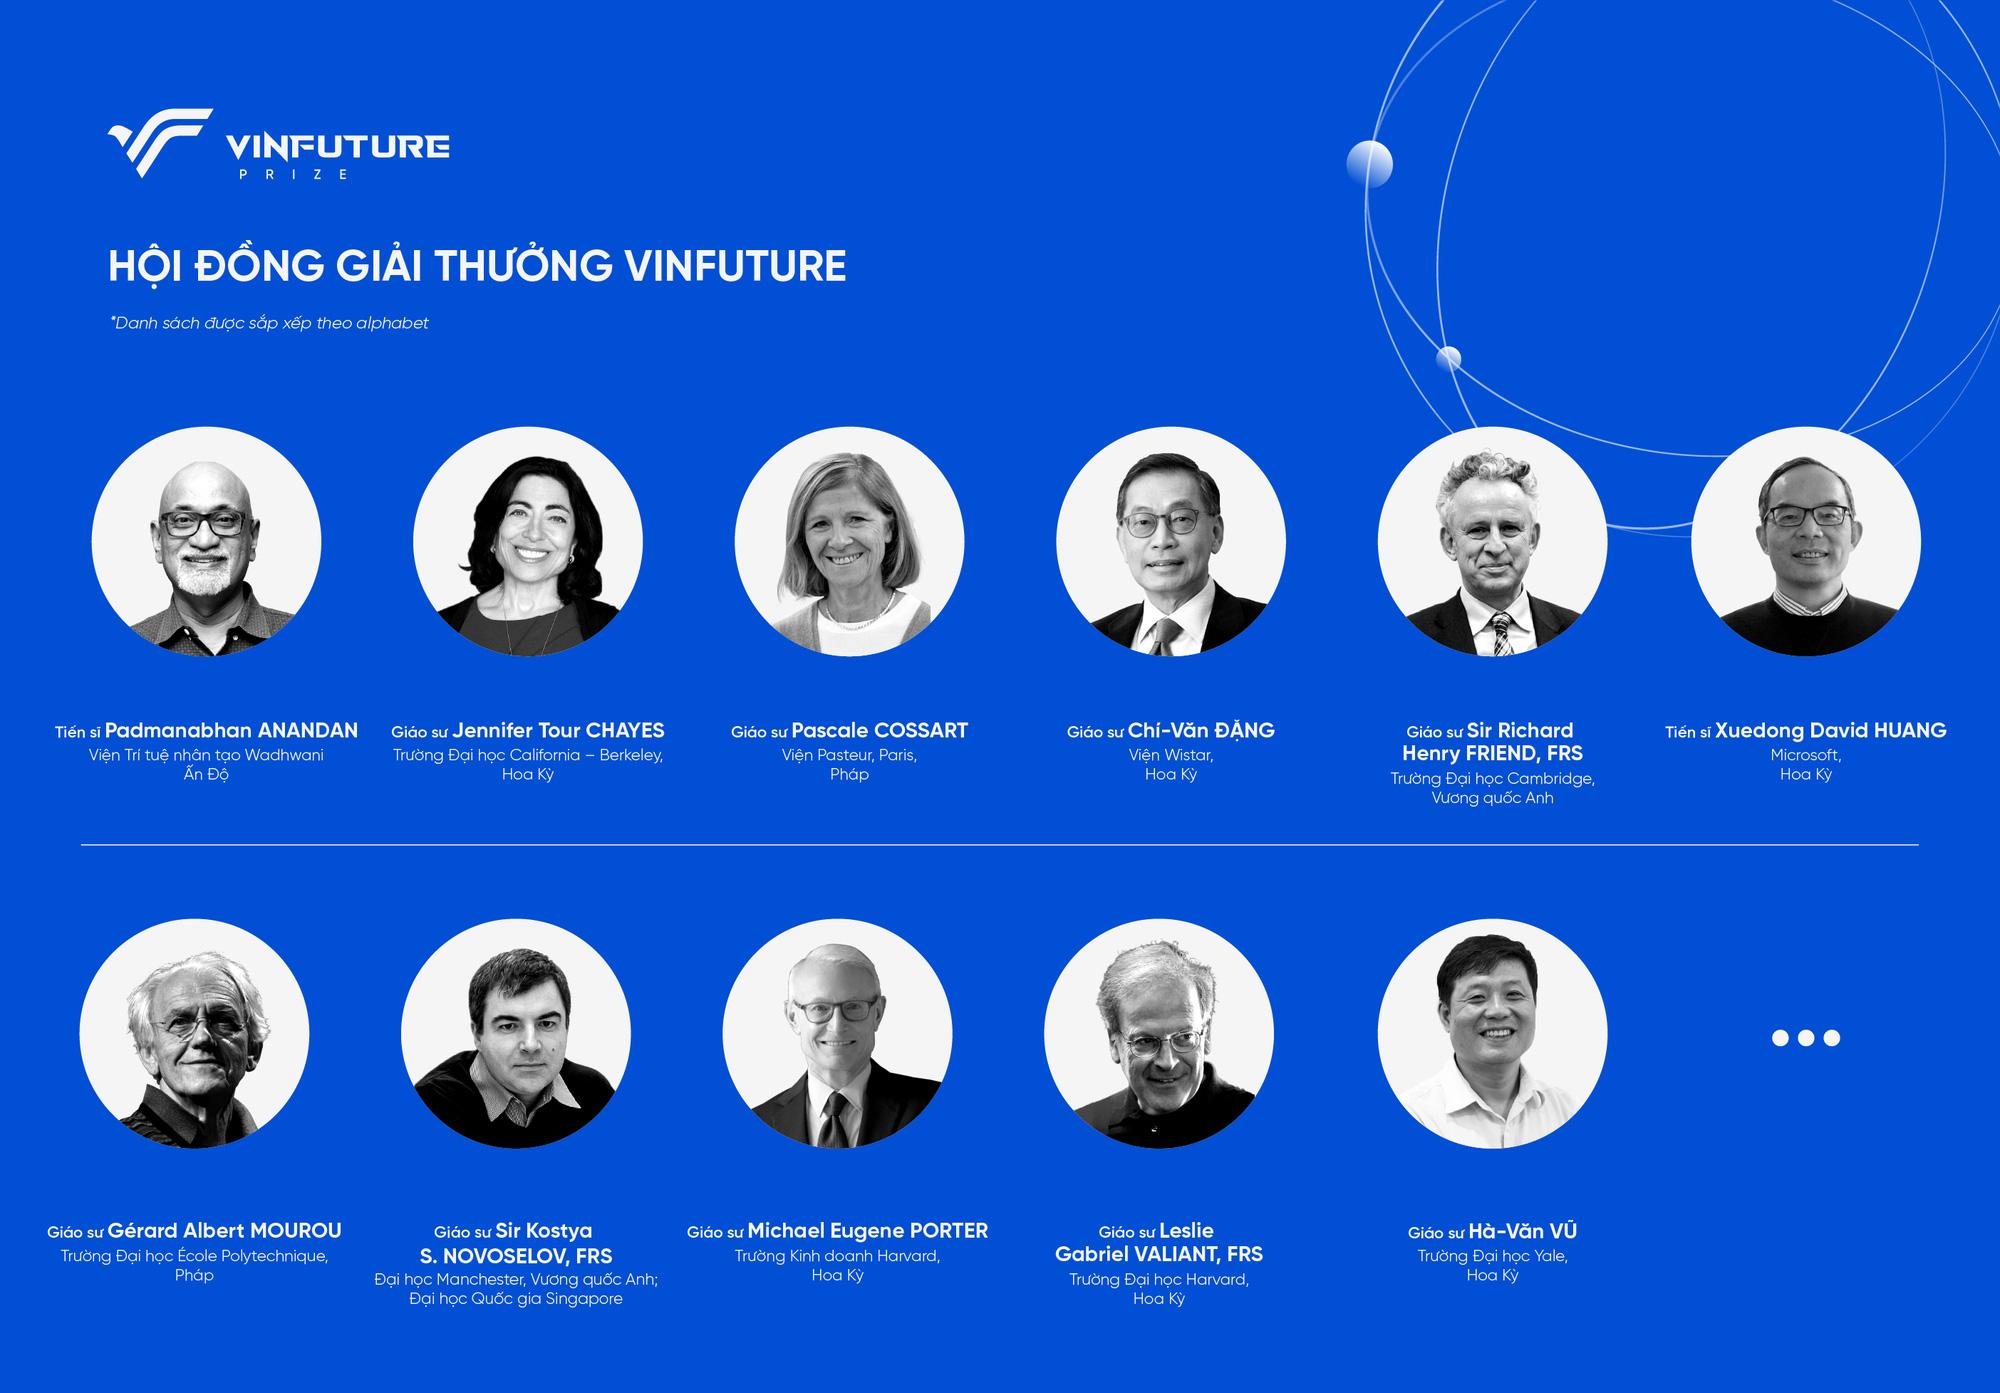 Công bố giải thưởng toàn cầu VinFuture - Ảnh 1.